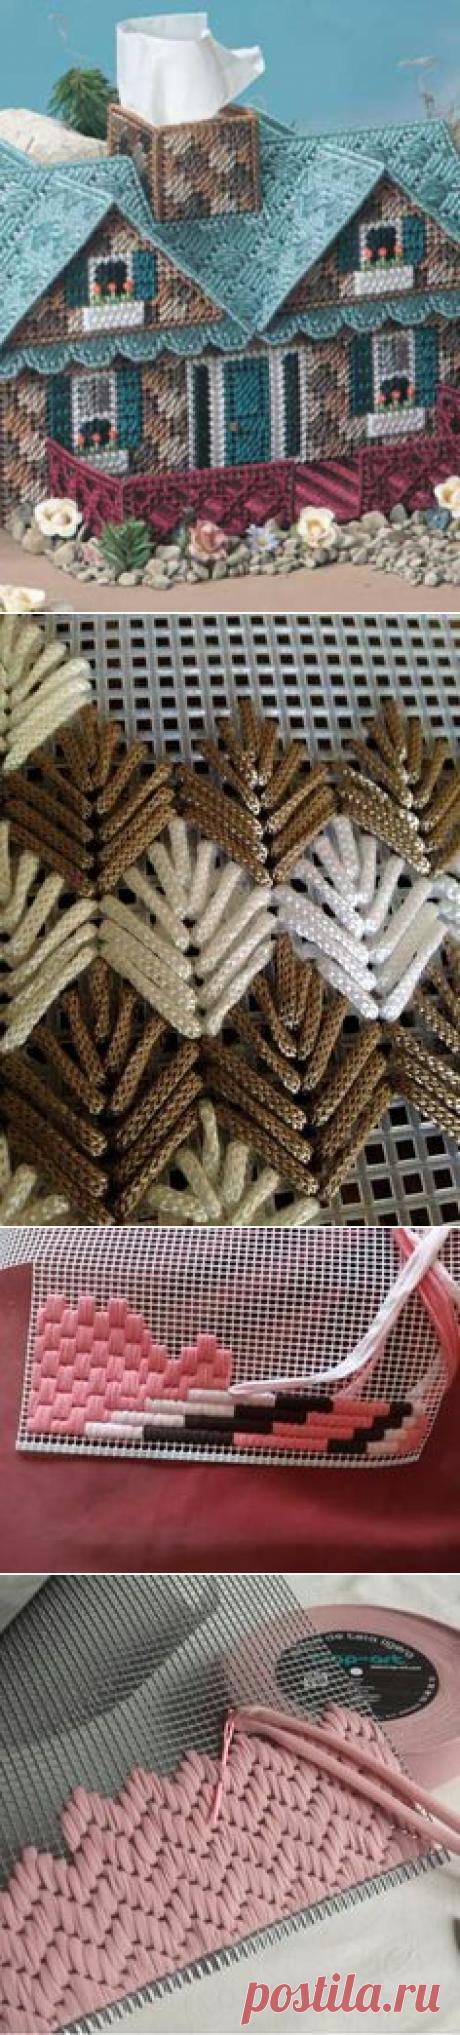 Барджелло - вышивка на сетке. Немного примеров(со схемами)